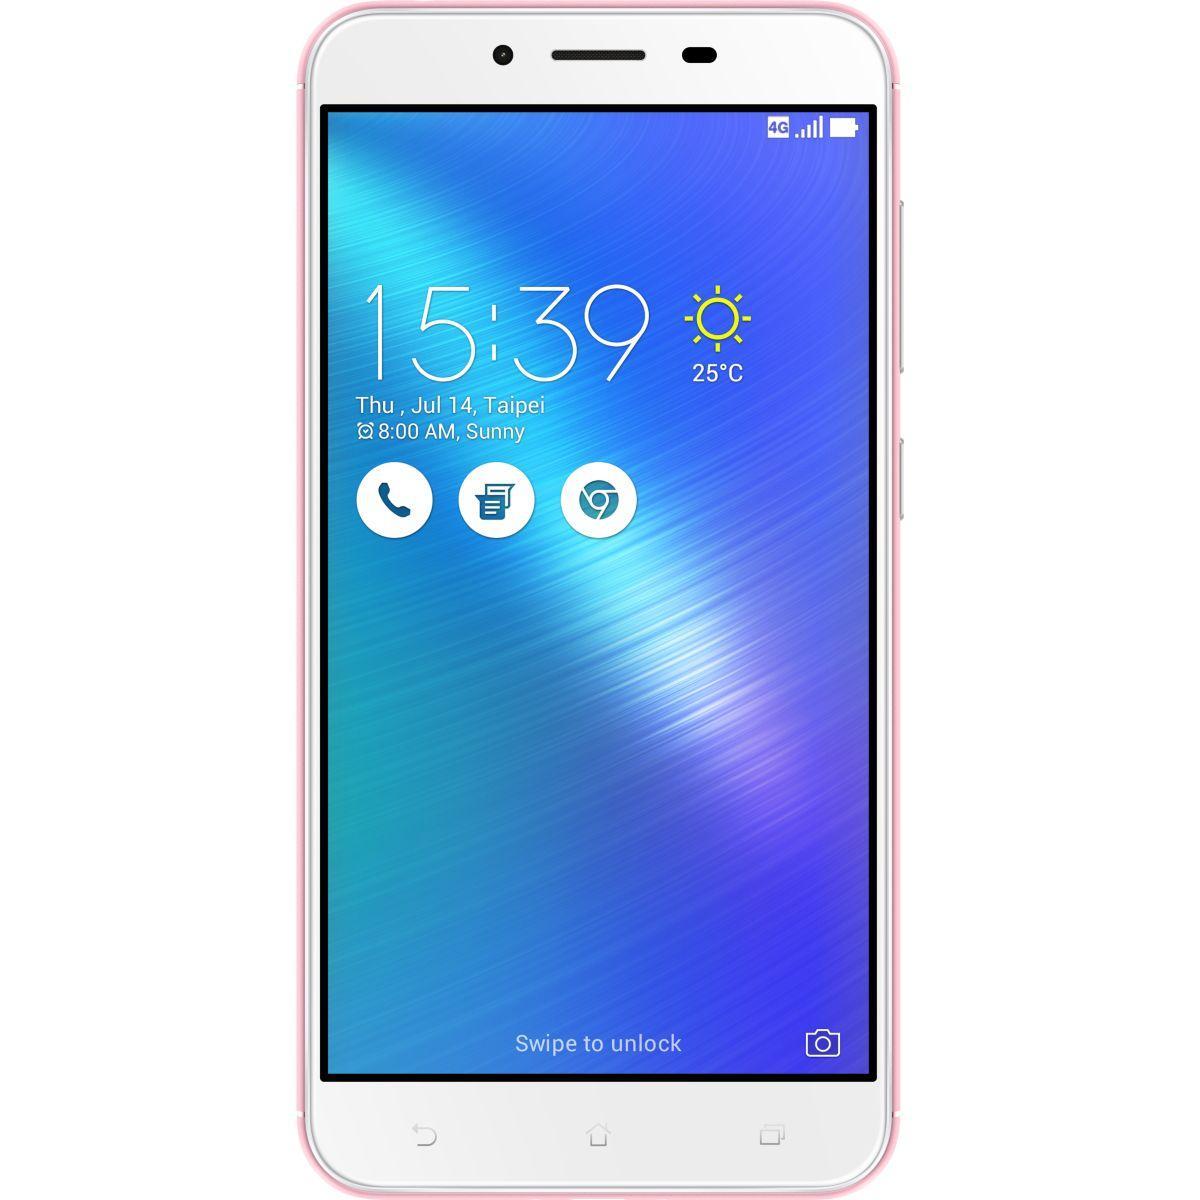 Smartphone asus zc553kl rose - 3% de remise immédiate avec le code : multi3